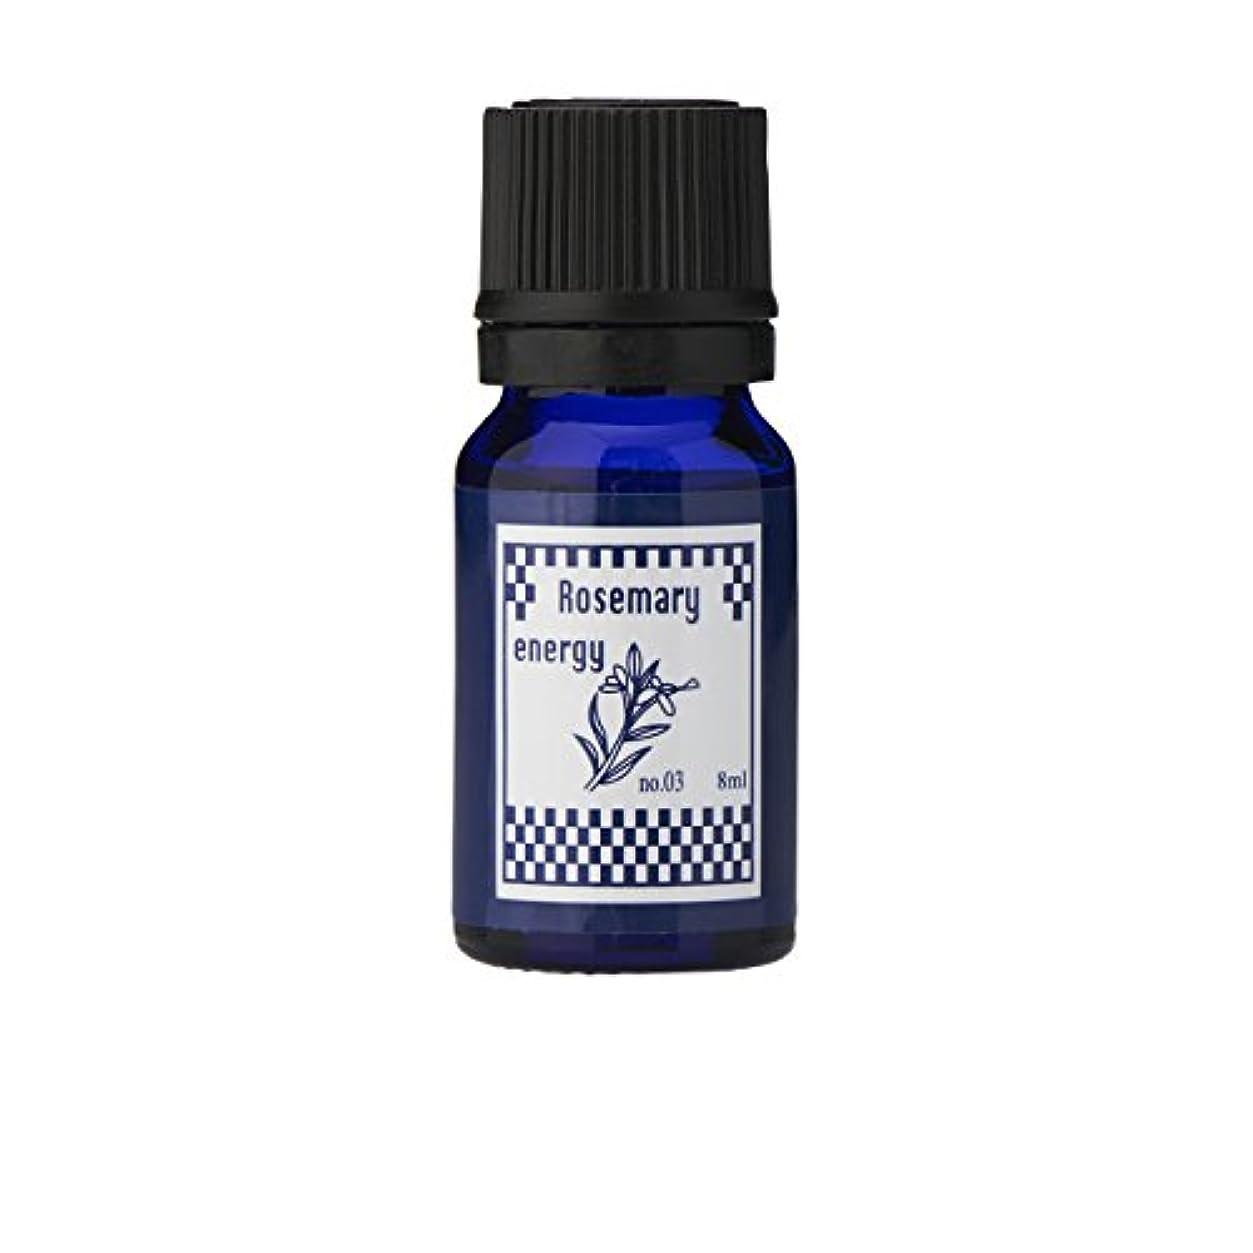 性格反対に正確なブルーラベル アロマエッセンス8ml ローズマリー(アロマオイル 調合香料 芳香用)